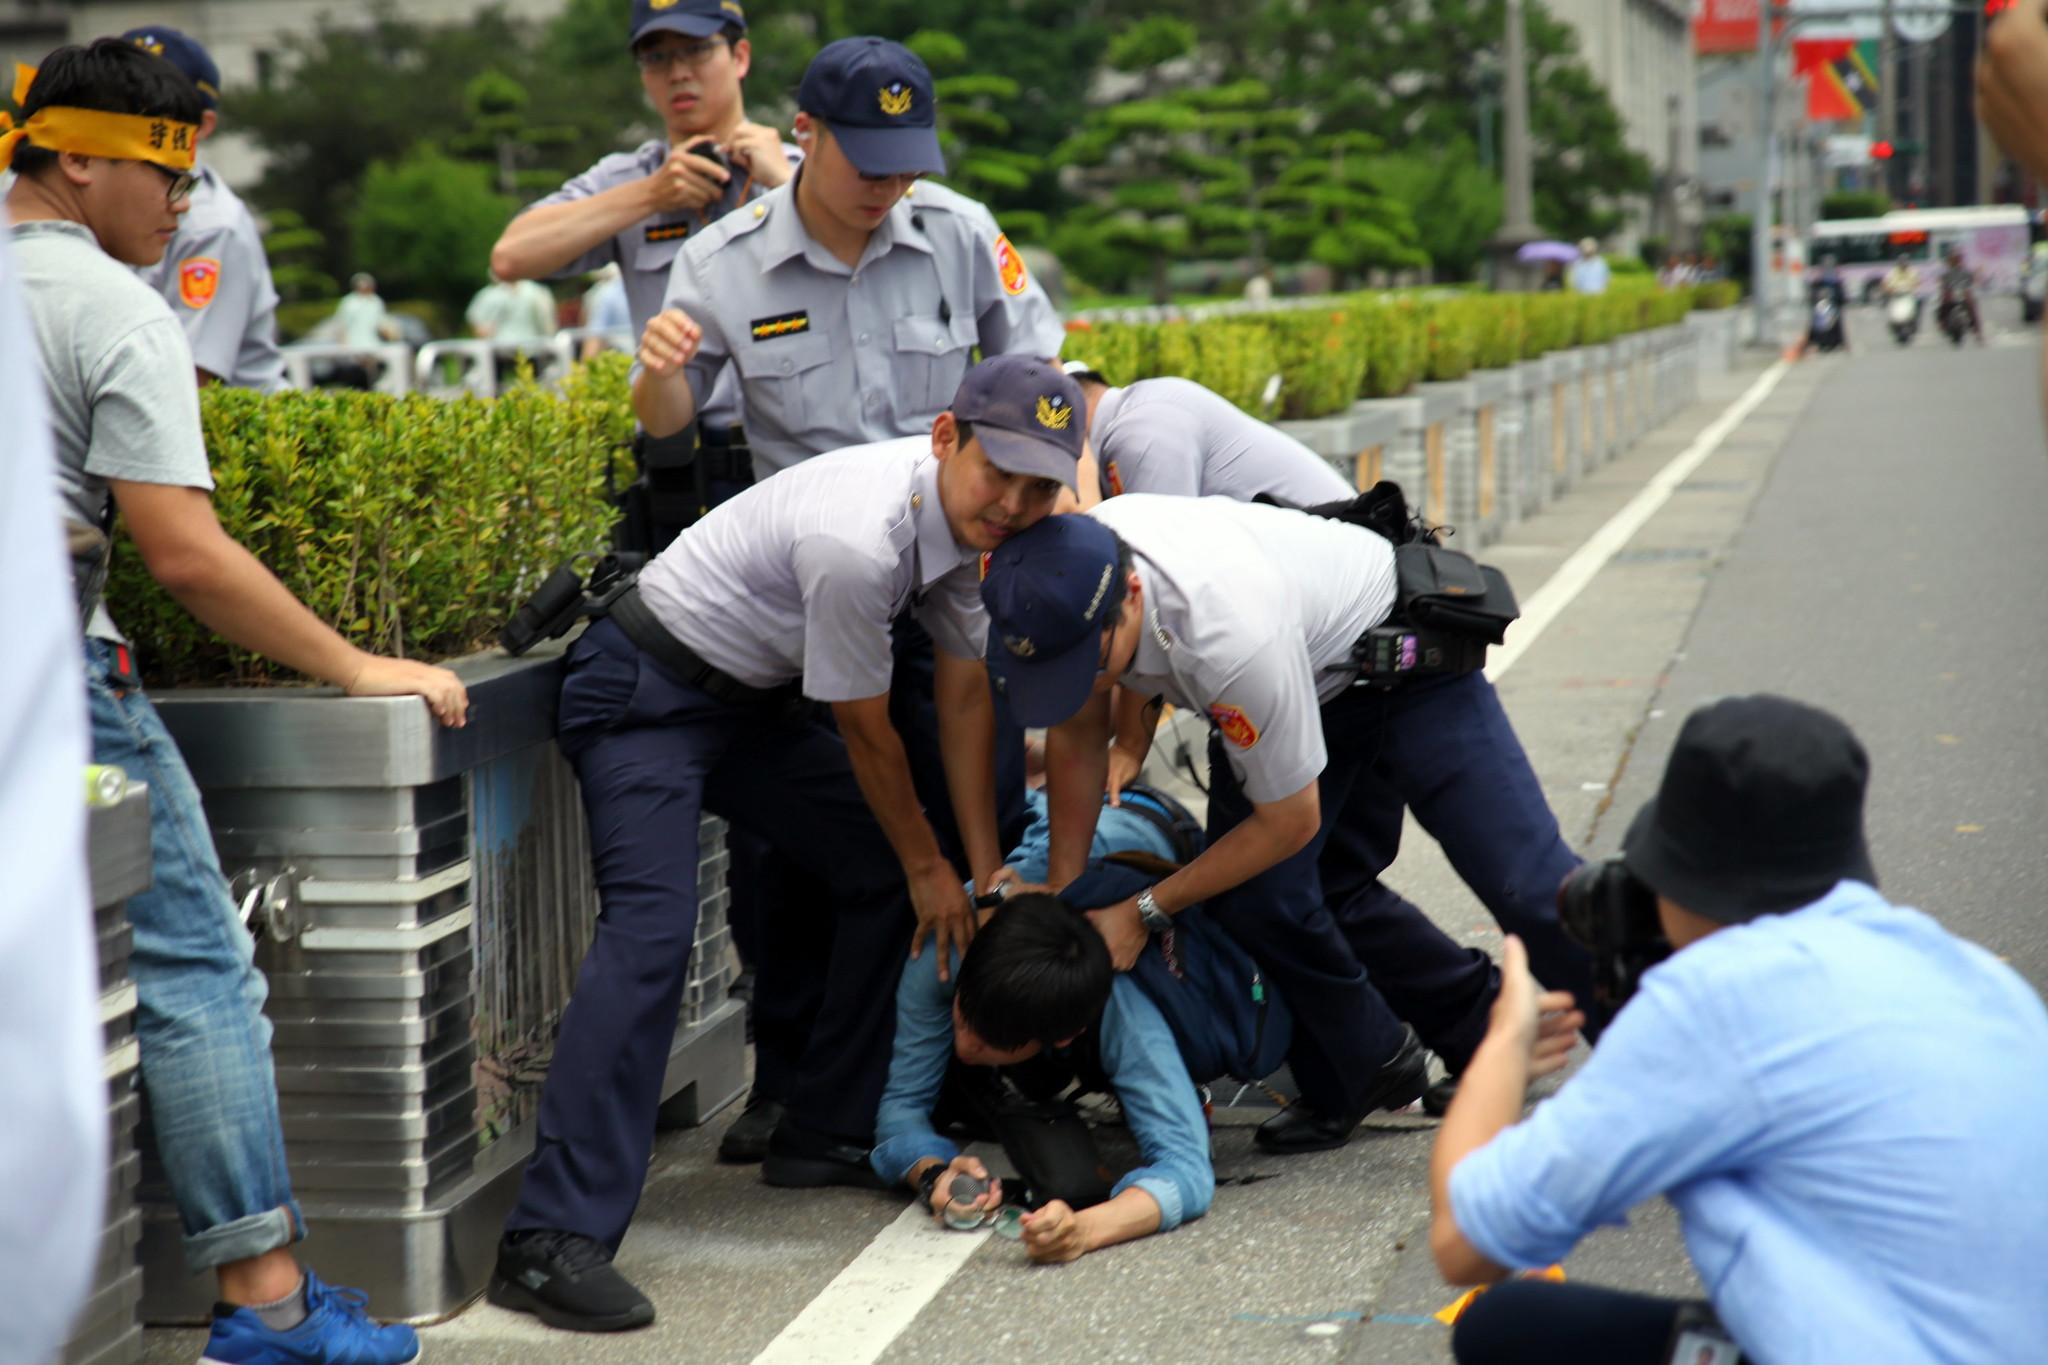 聲援者衝上總統府,遭警方壓制。(攝影:陳逸婷)